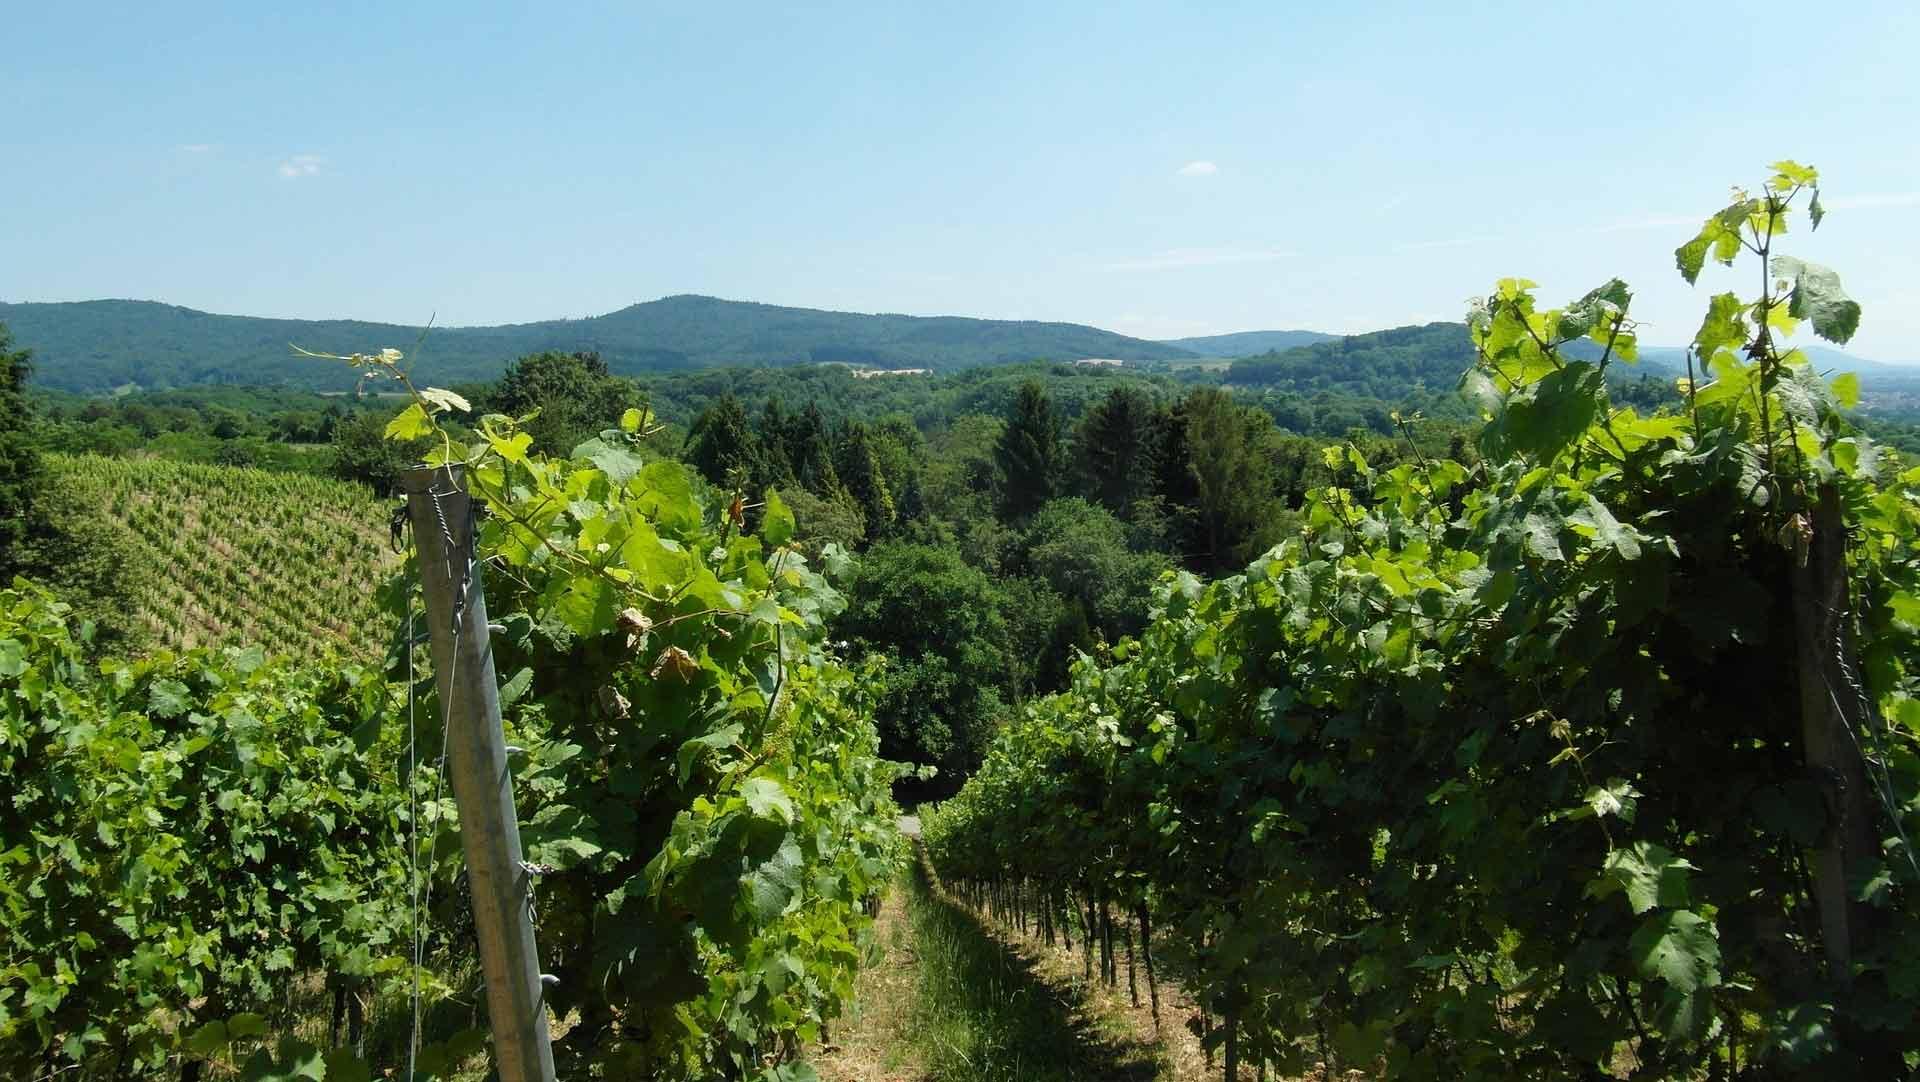 Fietsen door de glooiende wijnbergen van het Odenwald